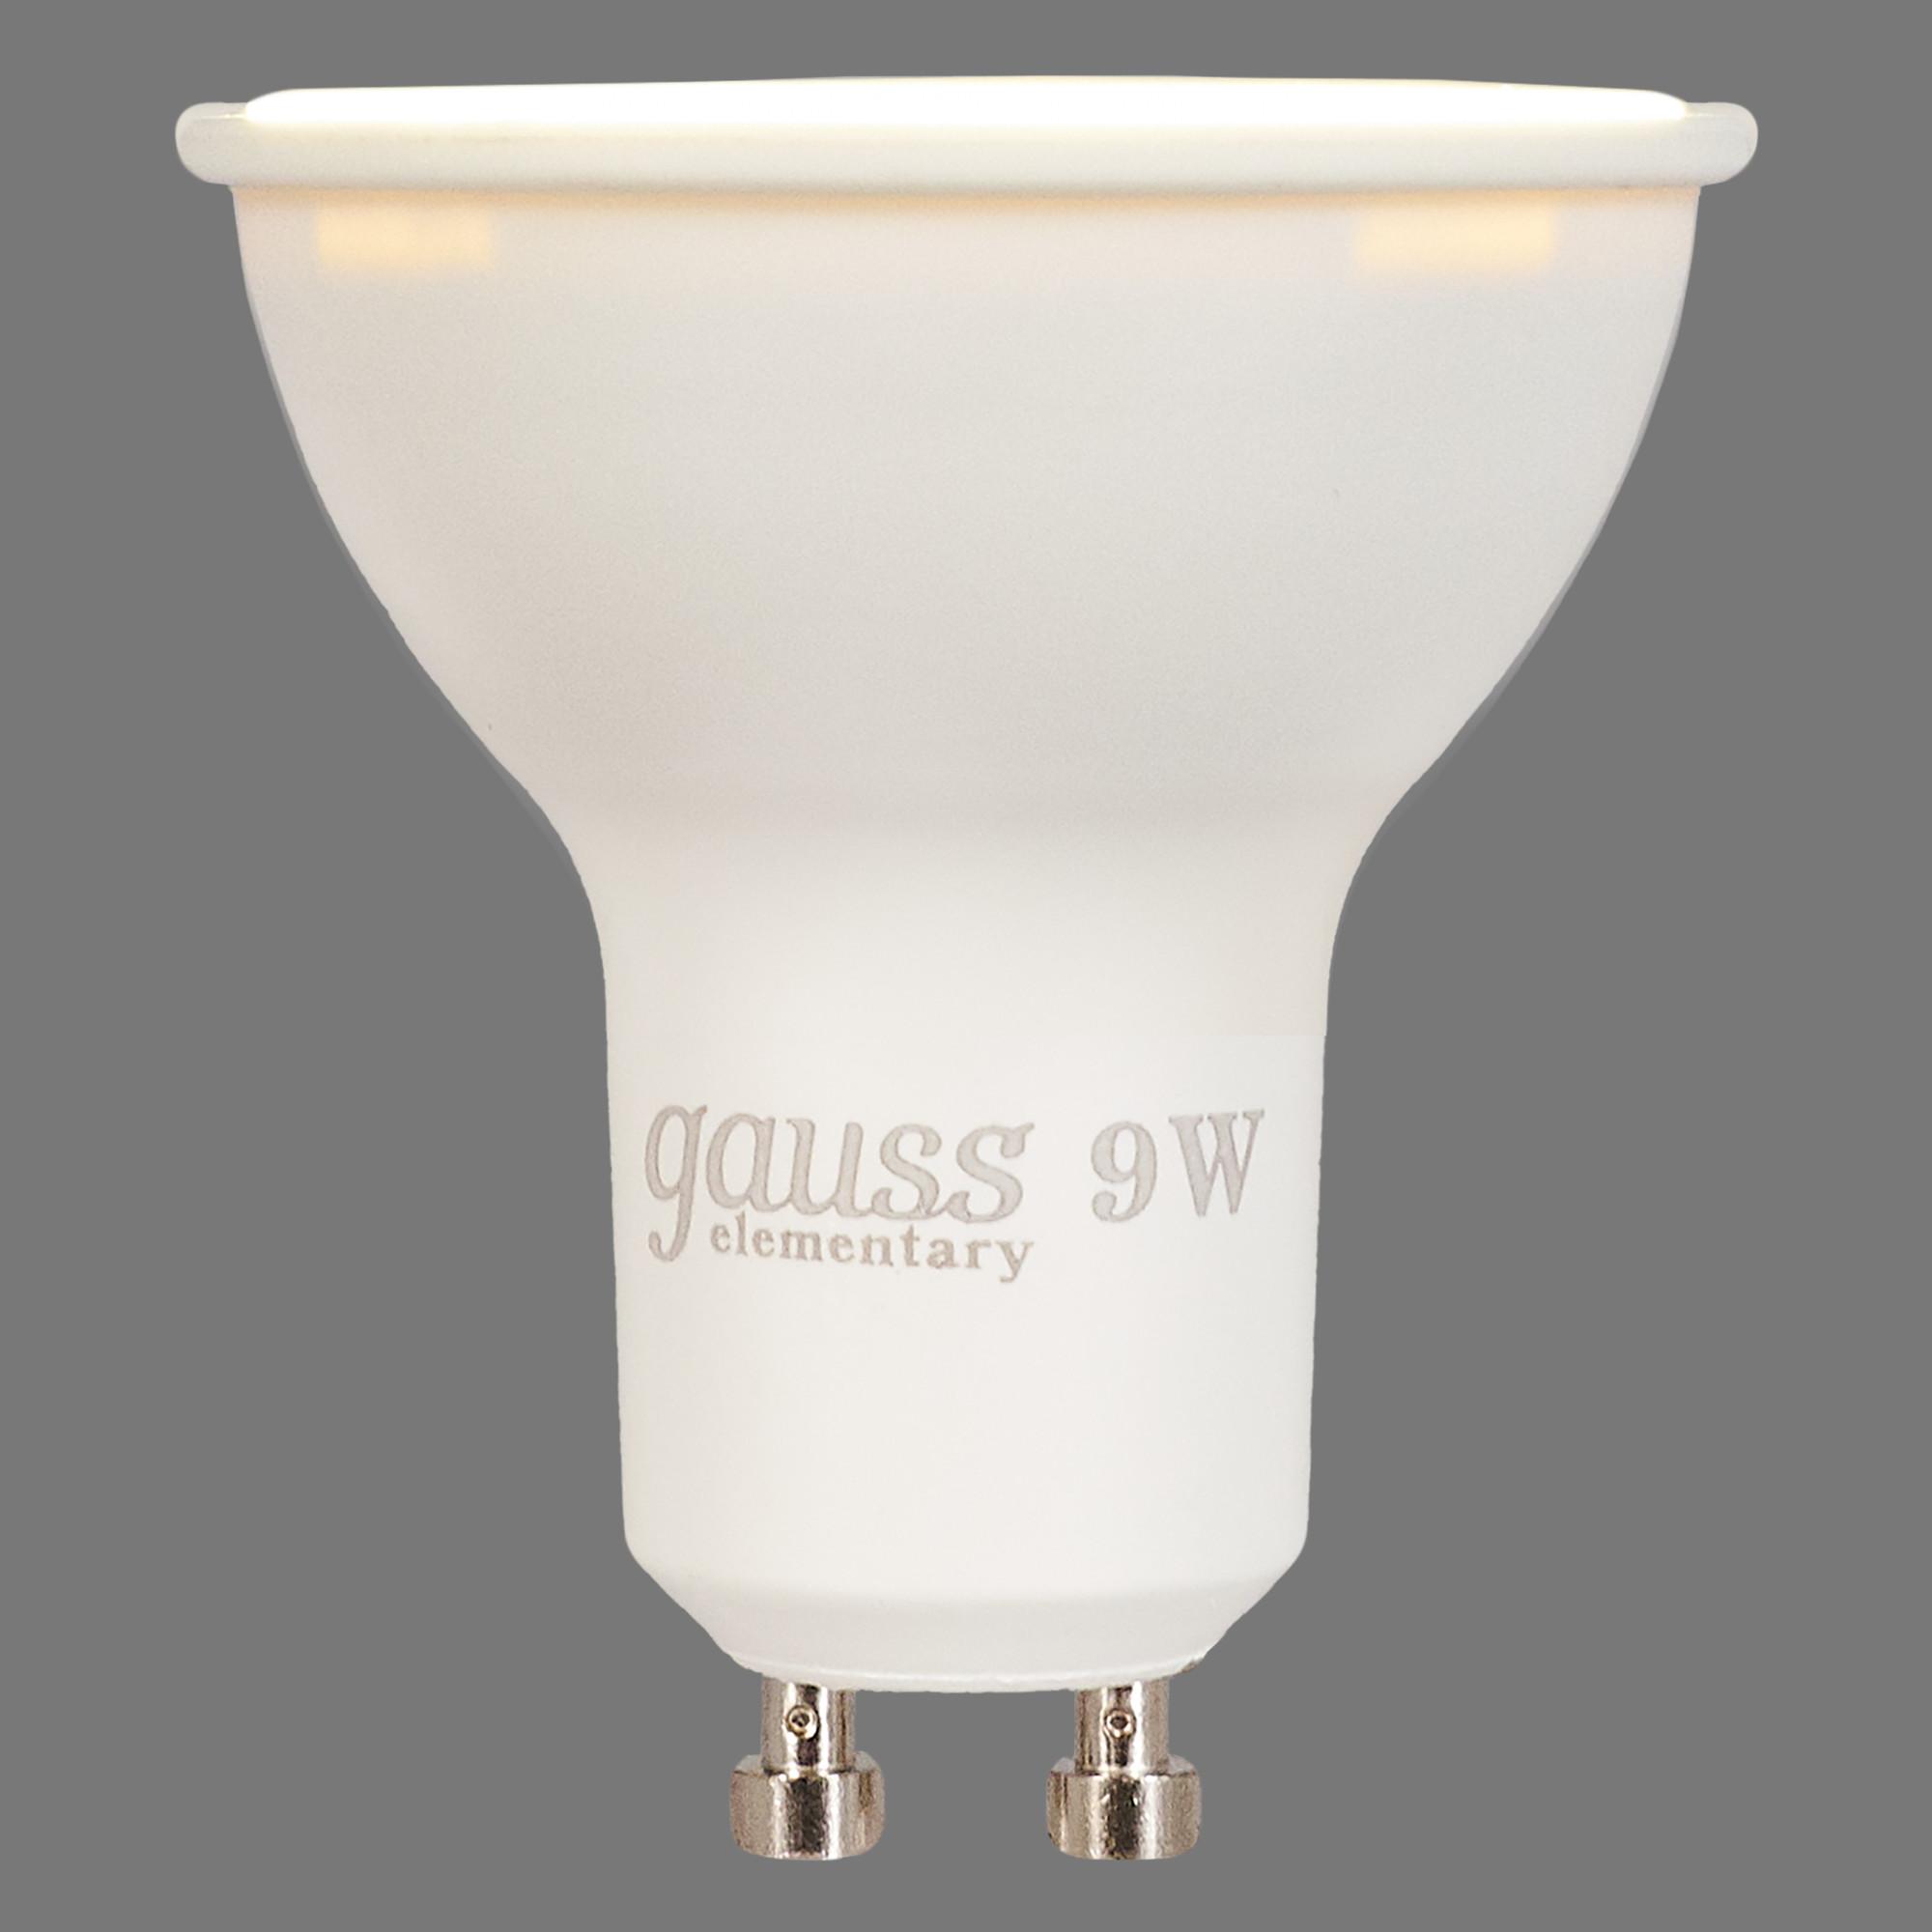 Лампа светодиодная Gauss Elementary GU10 230 В 9 Вт матовая 660 лм холодный белый